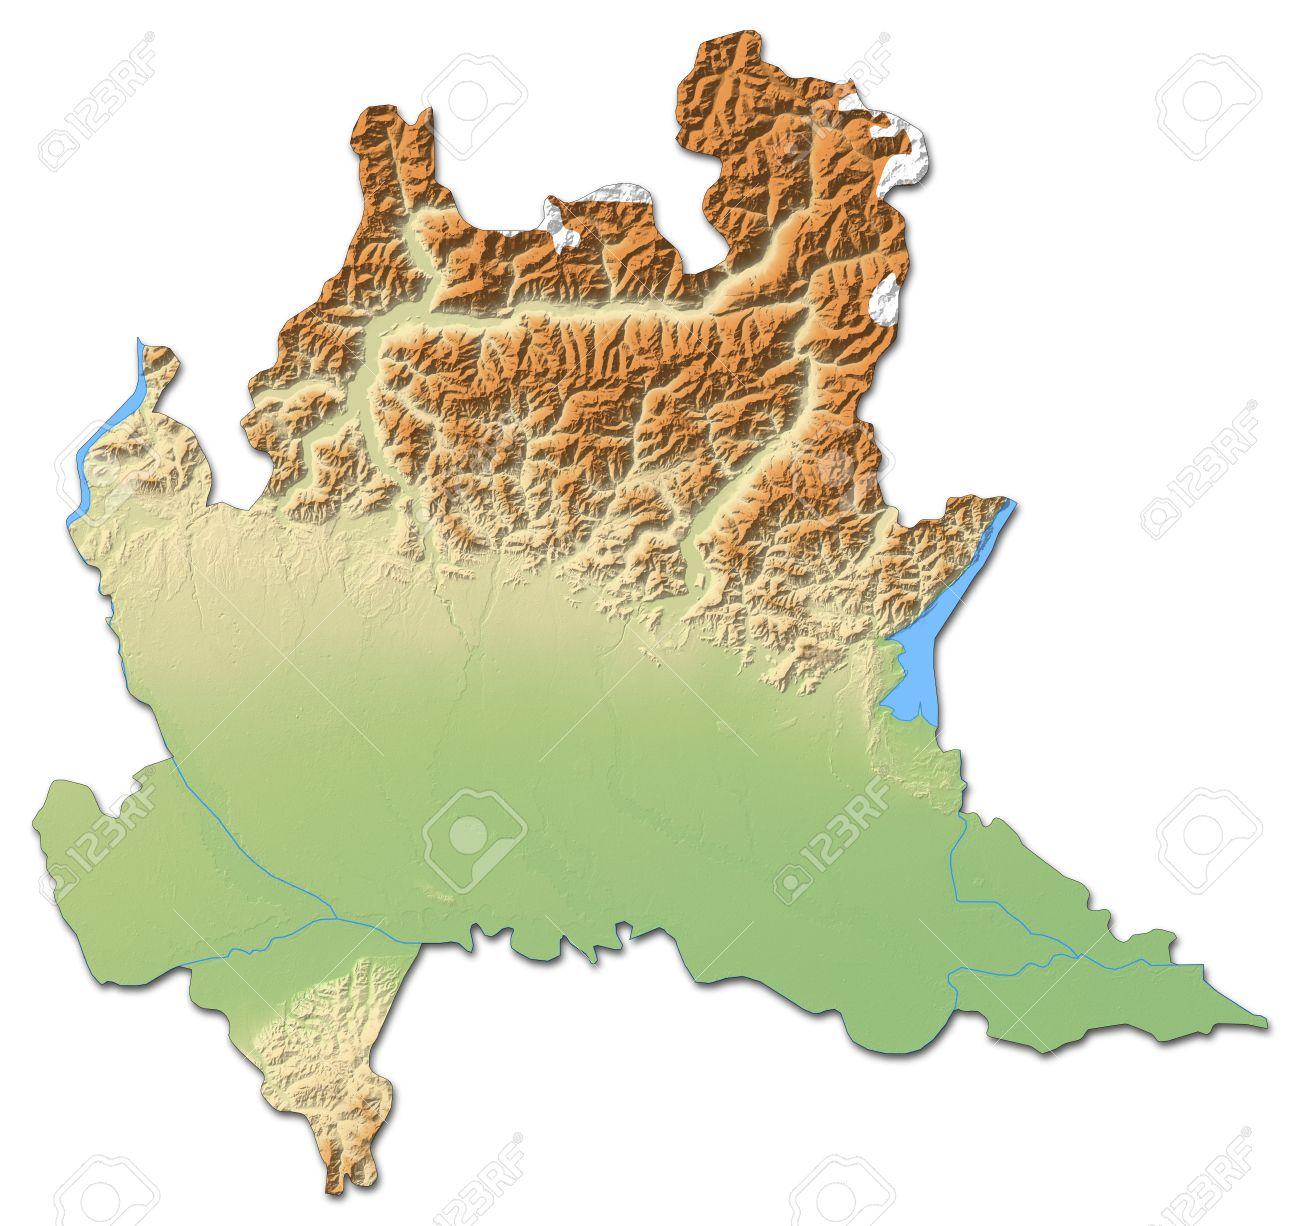 Carte Italie Lombardie.Carte Du Relief De Lombardie Une Province De L Italie Avec Relief Ombre